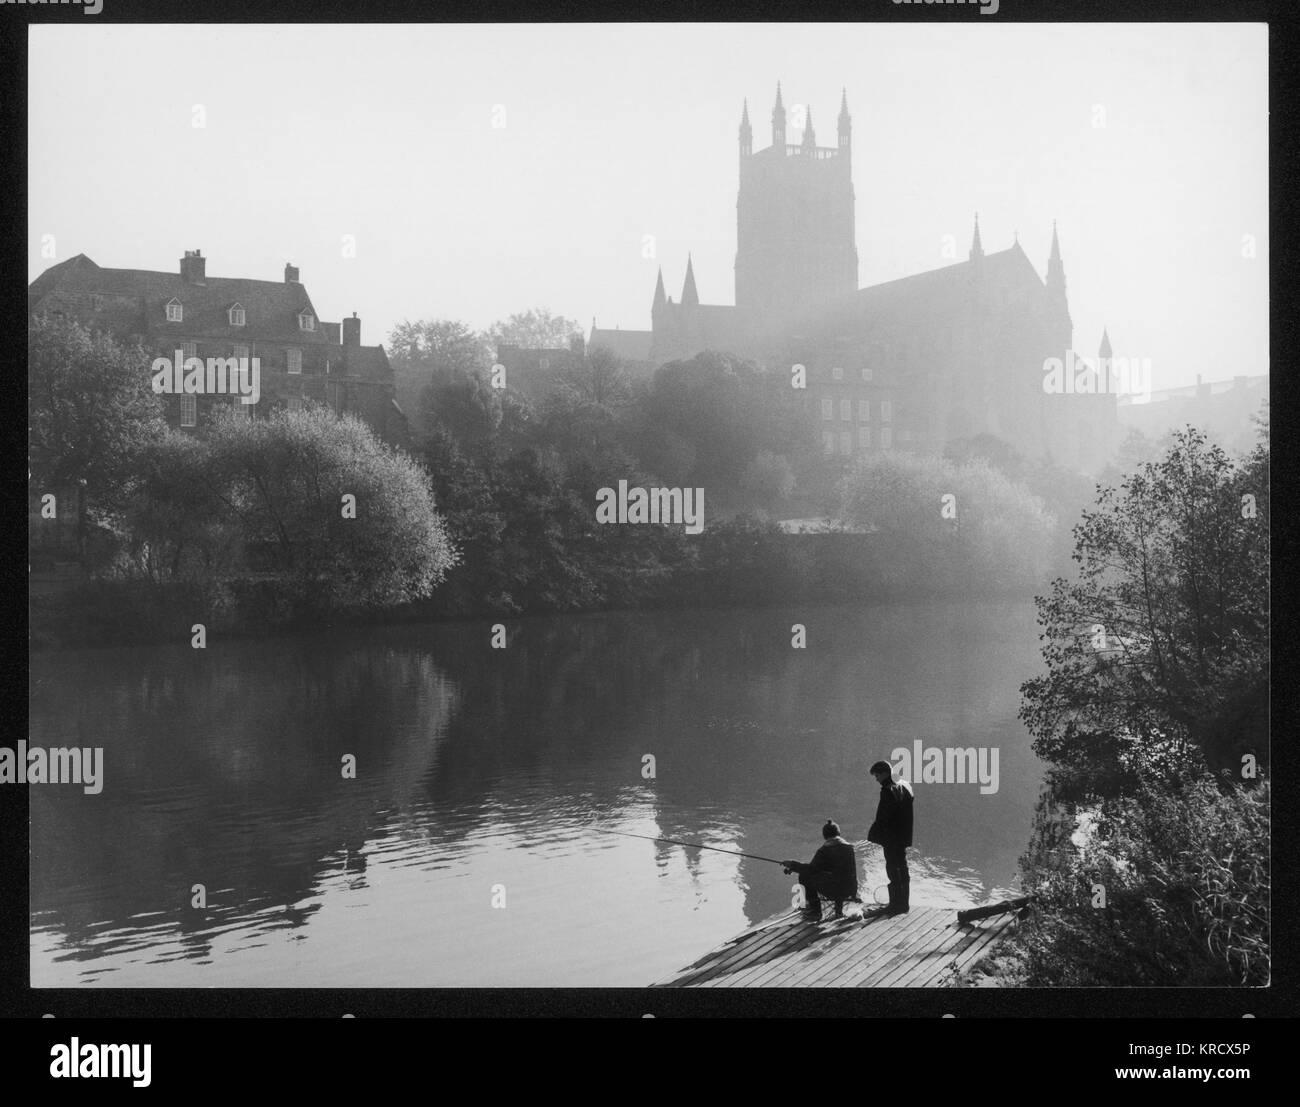 Pescar en el río Severn en una niebla por la mañana, mientras el sol se levanta por detrás de la Imagen De Stock